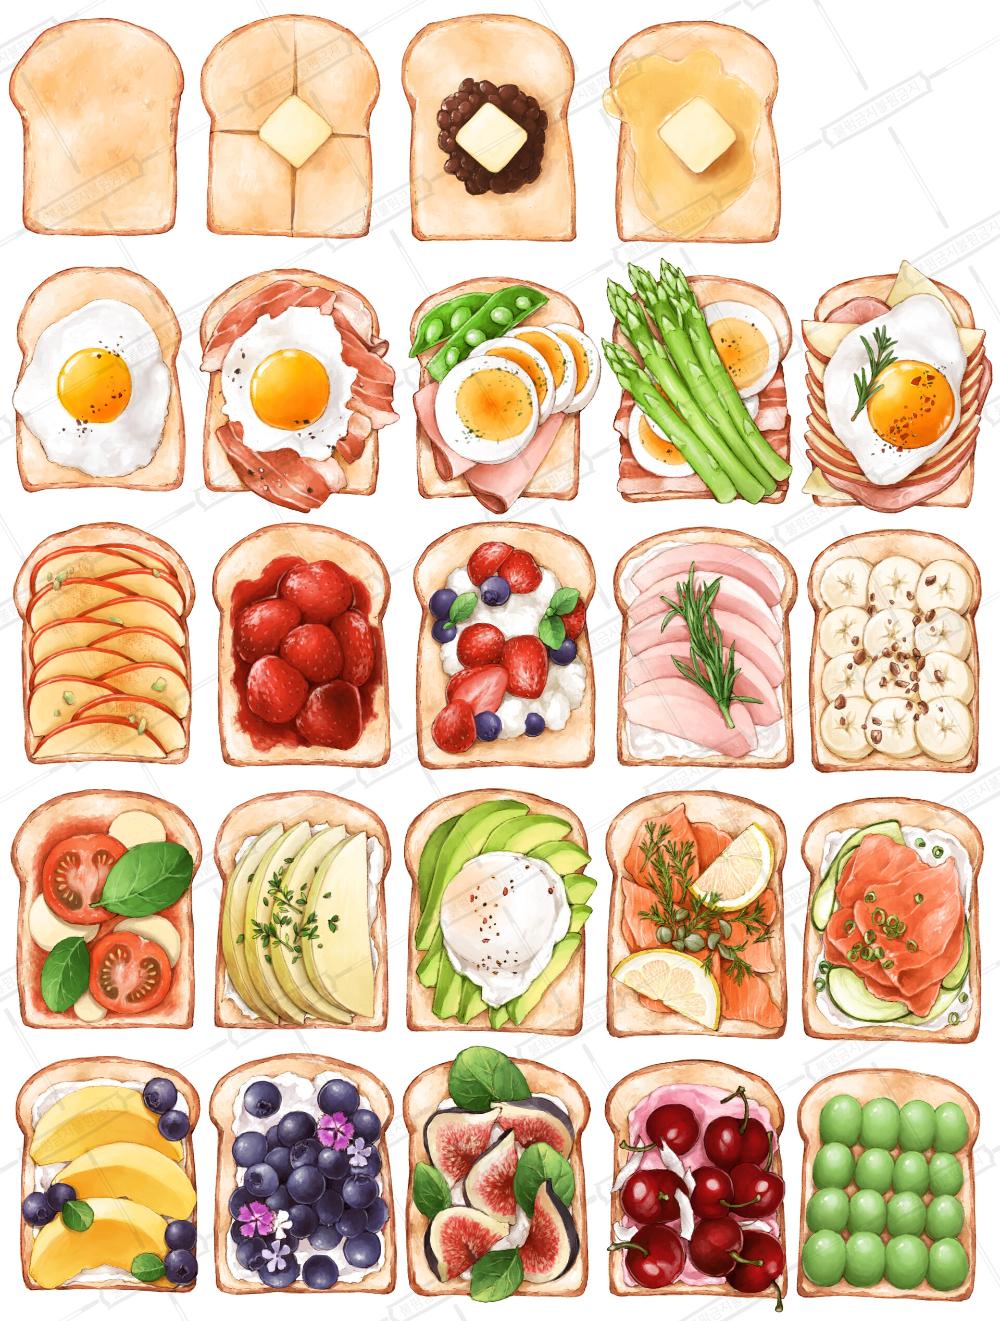 toast, sehyun lee